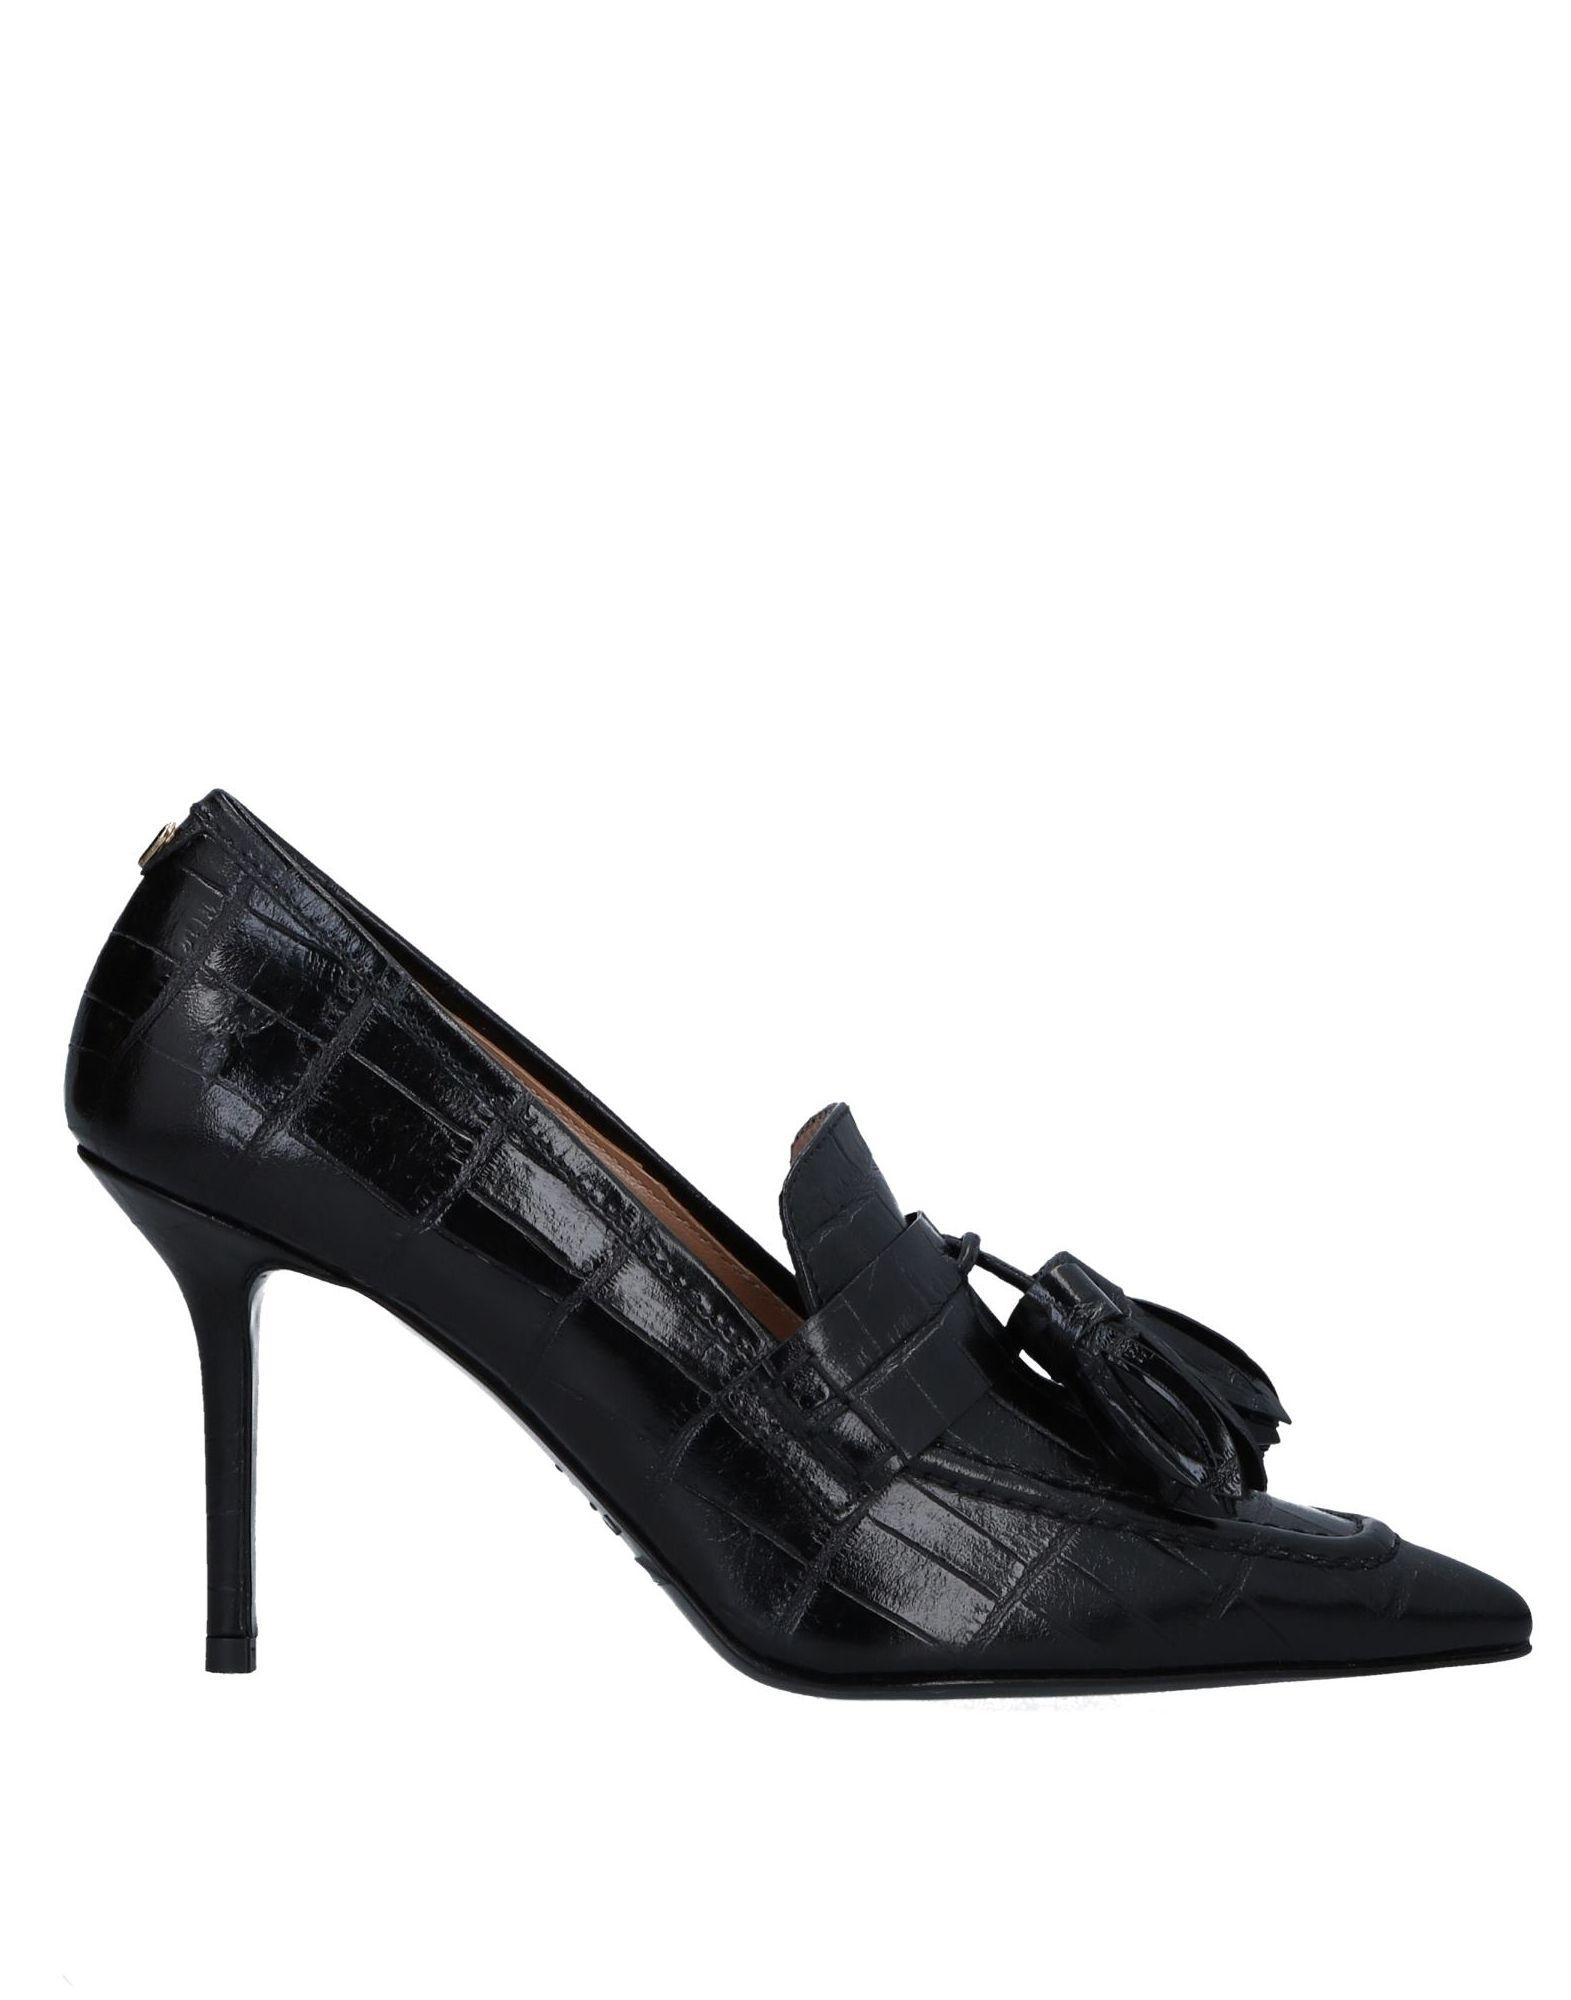 Haltbare Mode Mode Mode billige Schuhe Twin 11529717FE Beliebte Schuhe ca5d52